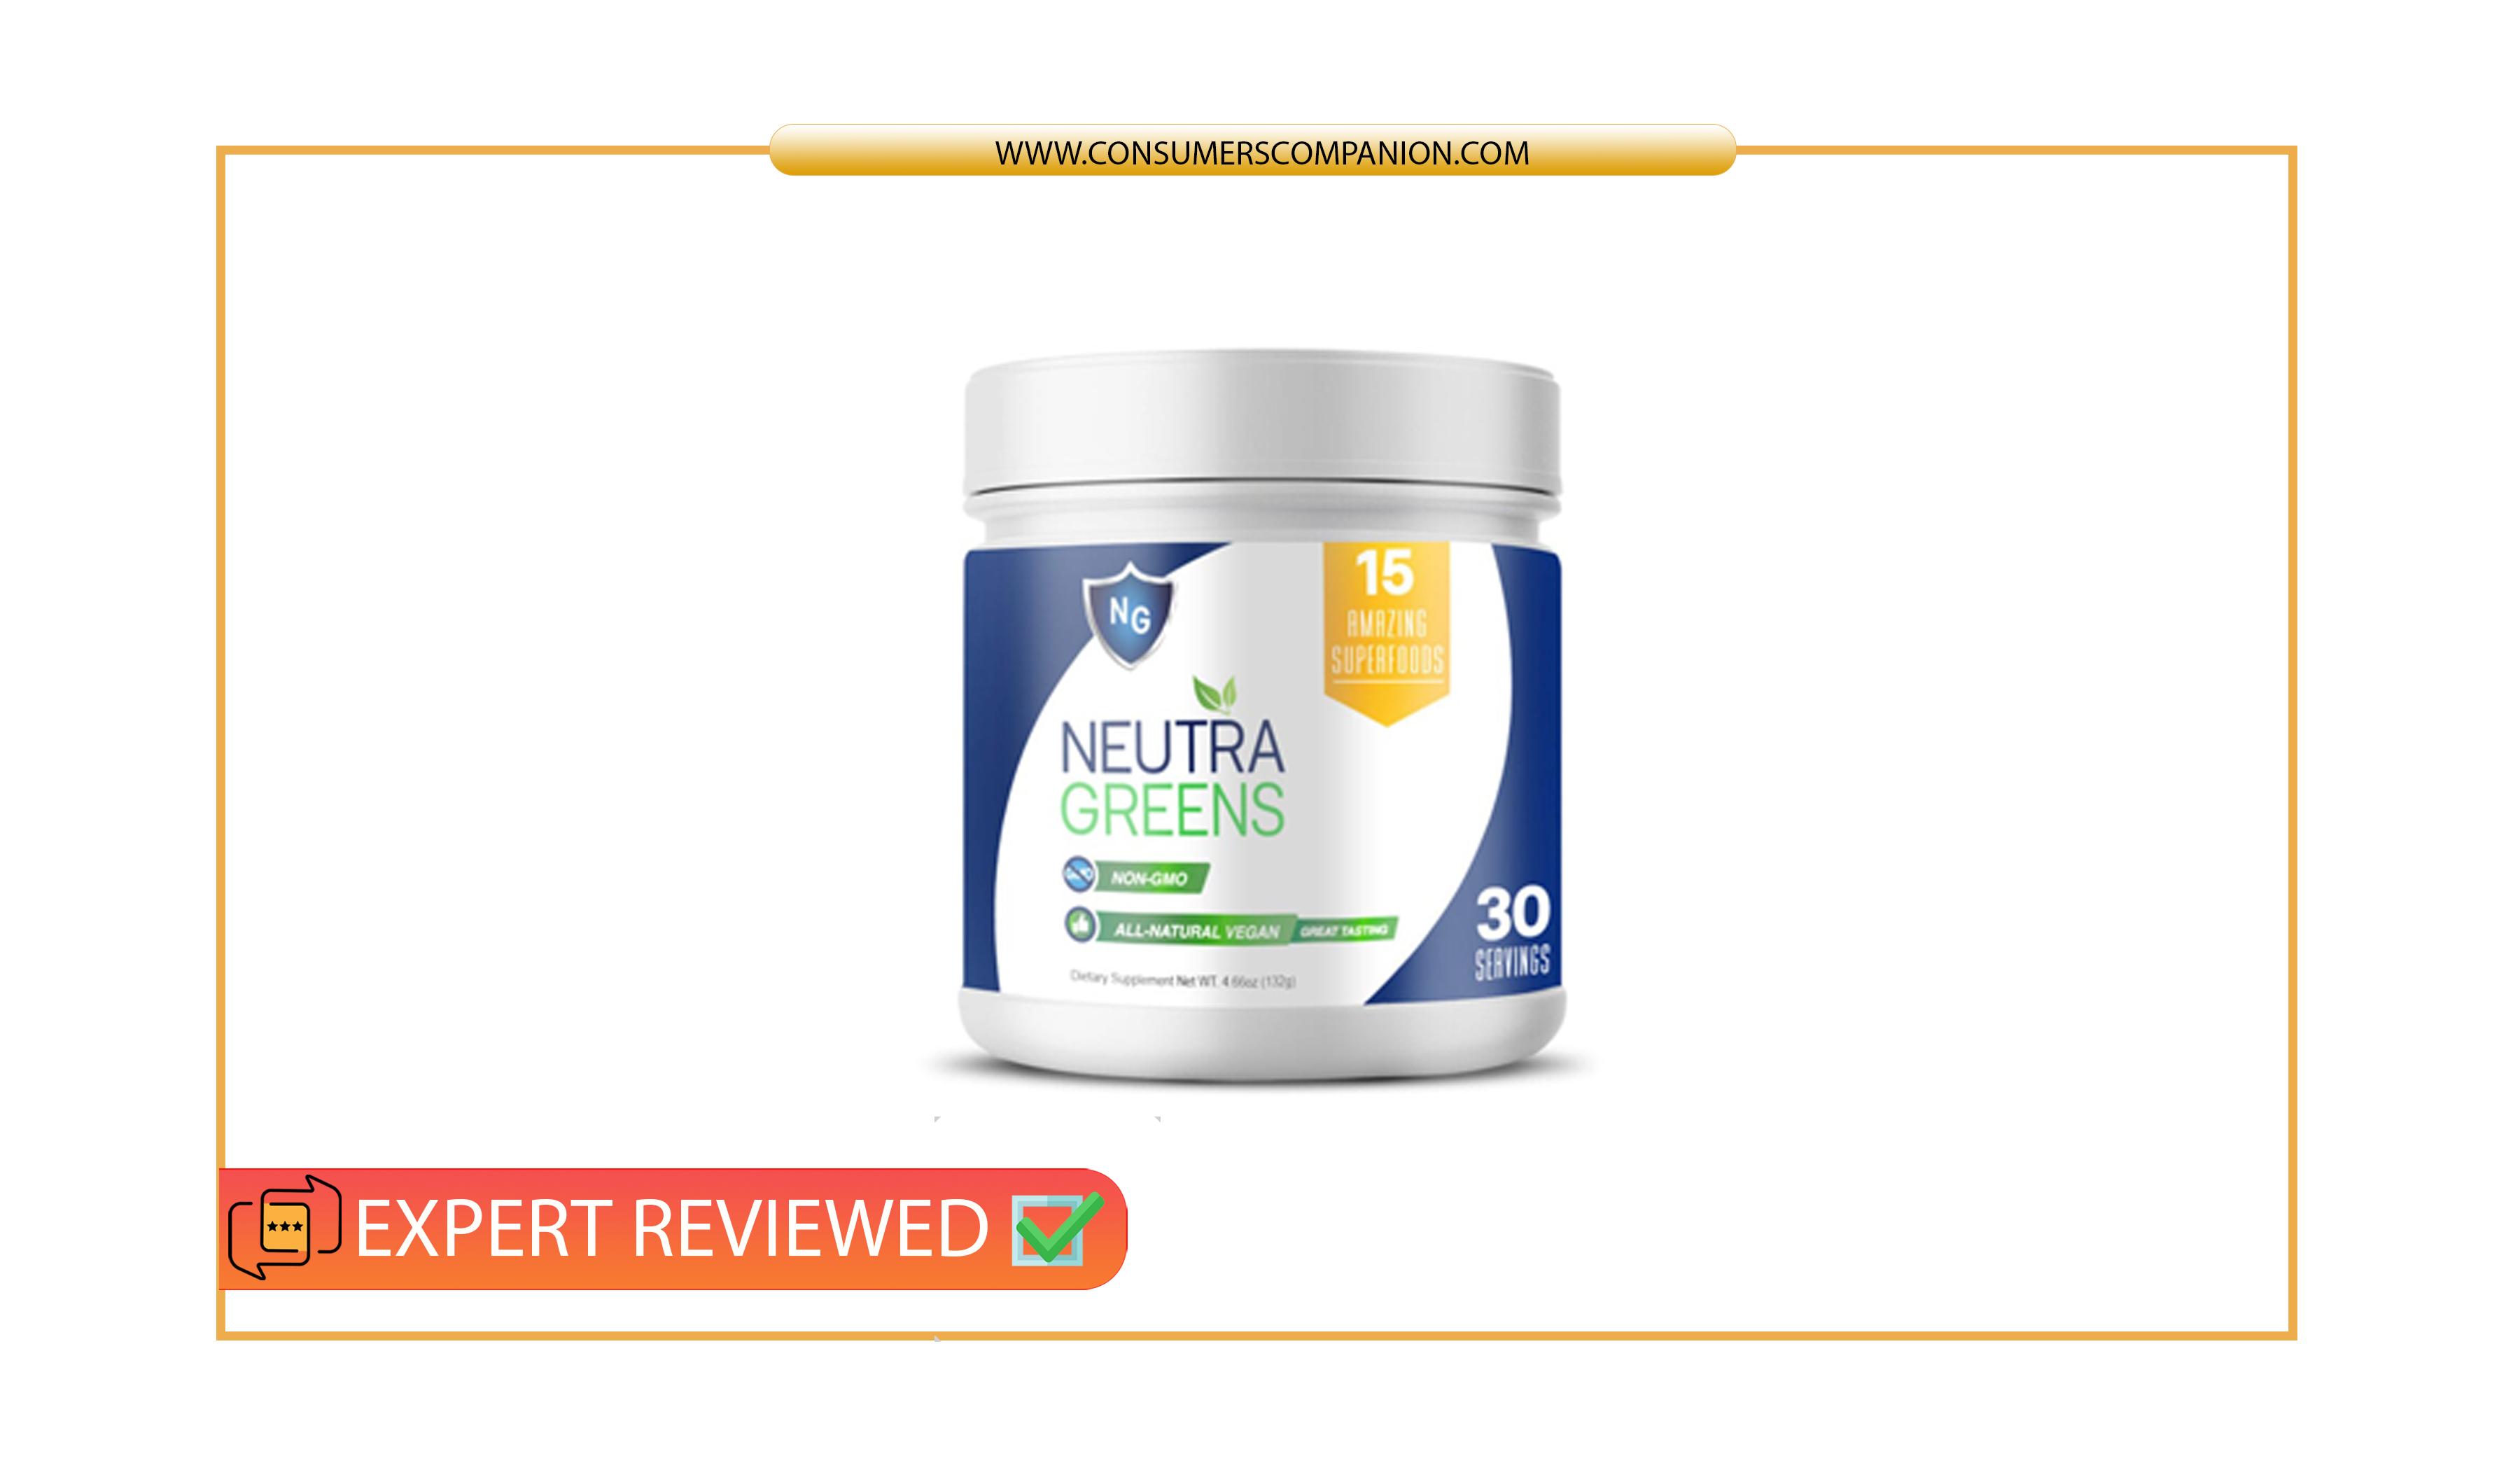 Neutra Greens reviews